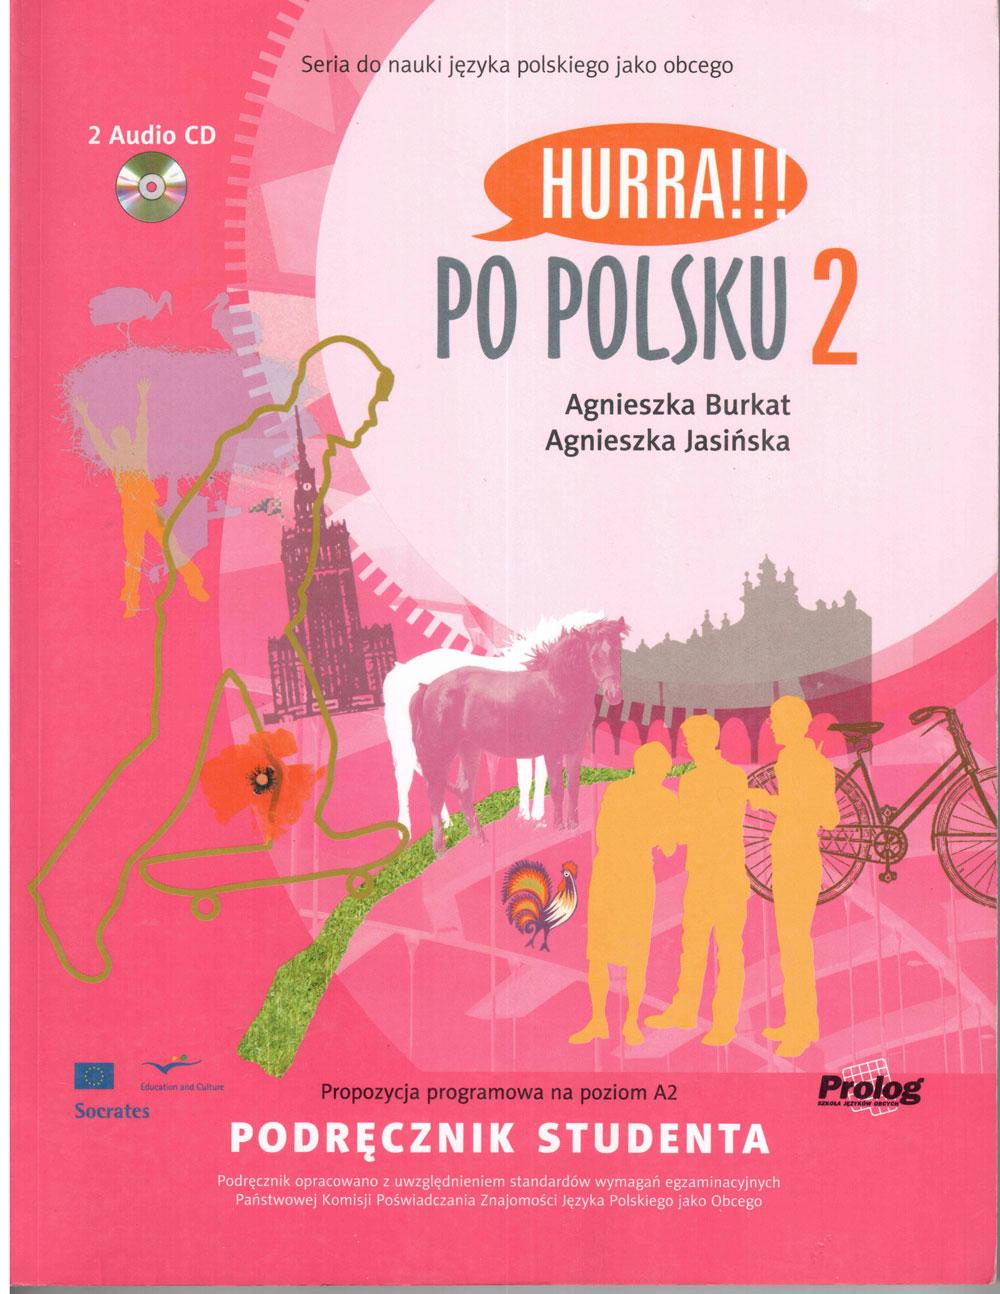 Курсы польского языка Днепропетровск - уровень А2